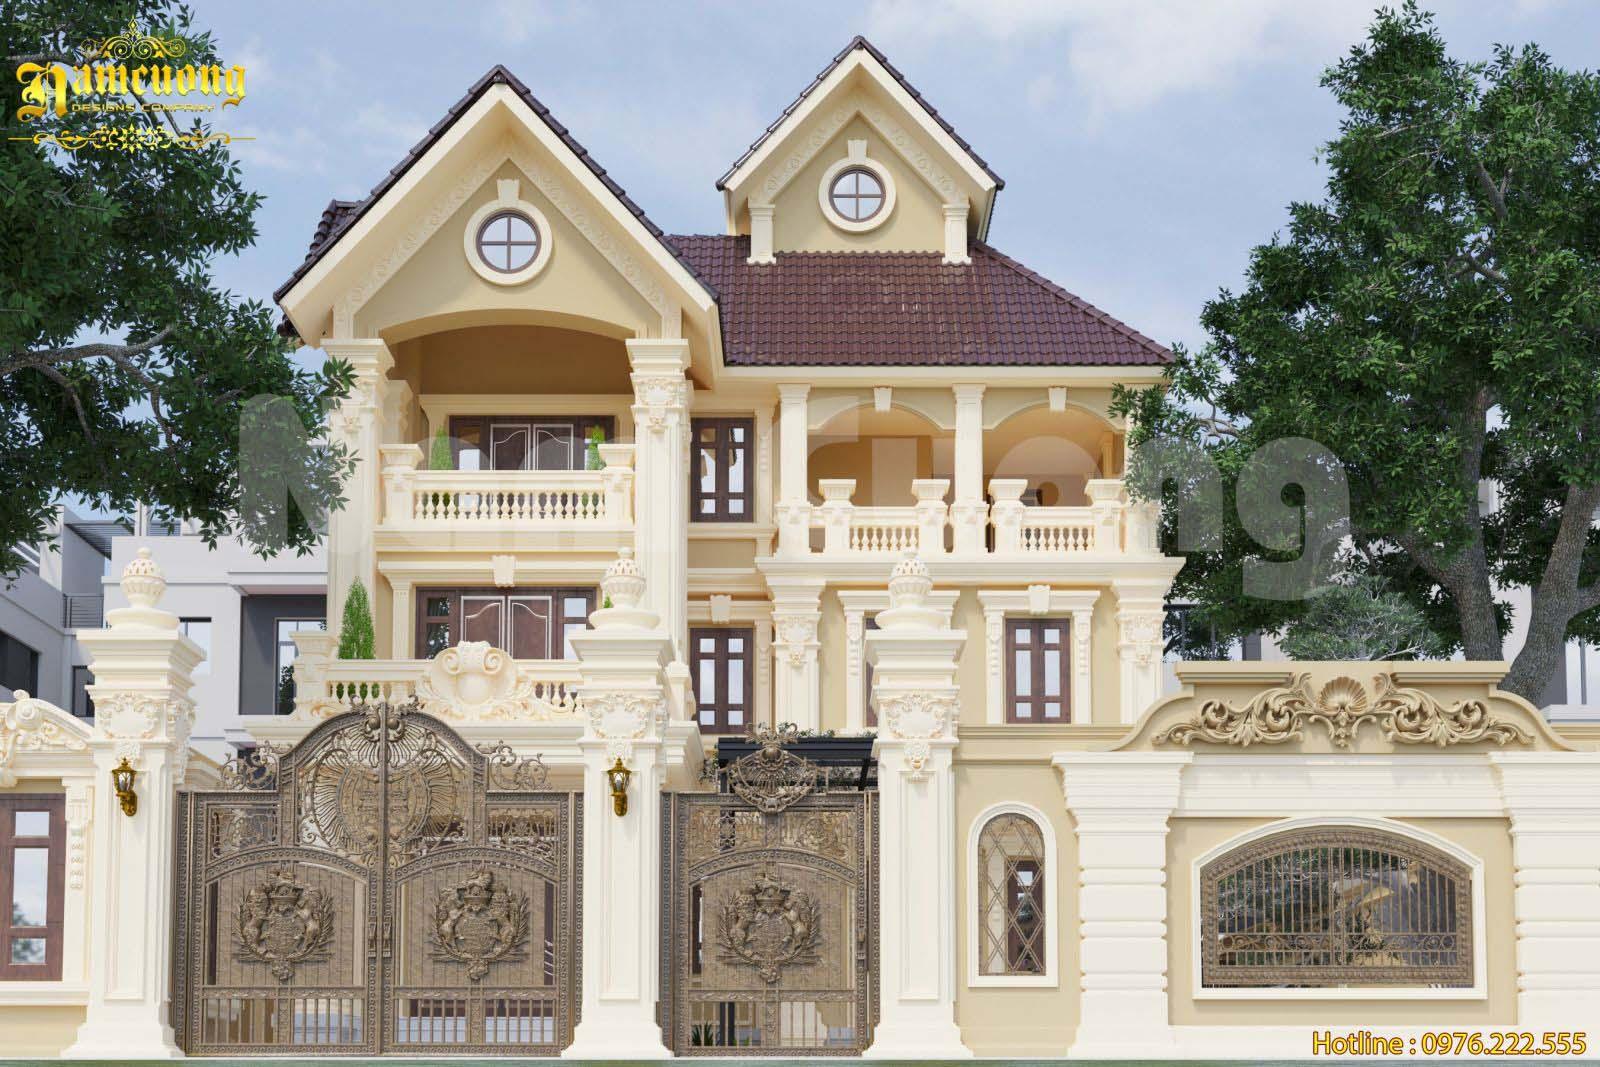 Thiết kế biệt thự Pháp 3 tầng cuốn hút người nhìn tại Hà Nội